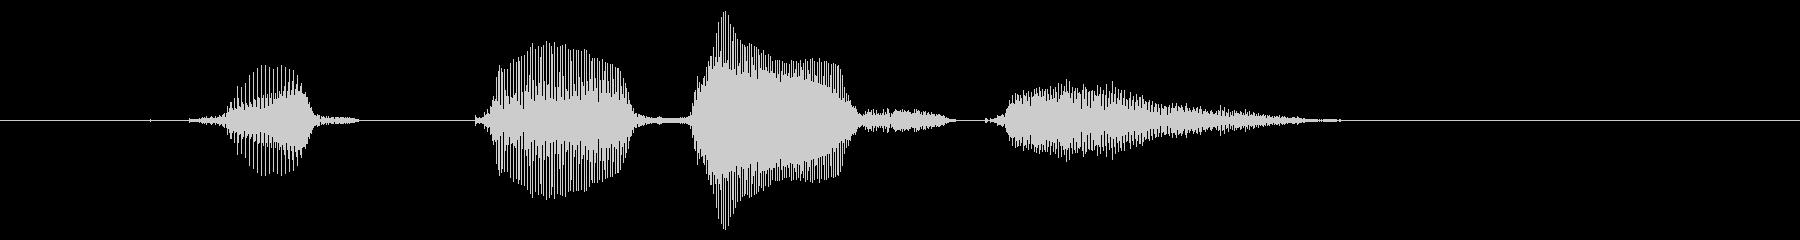 【行事・イベント・挨拶】はっぴーばーす…の未再生の波形